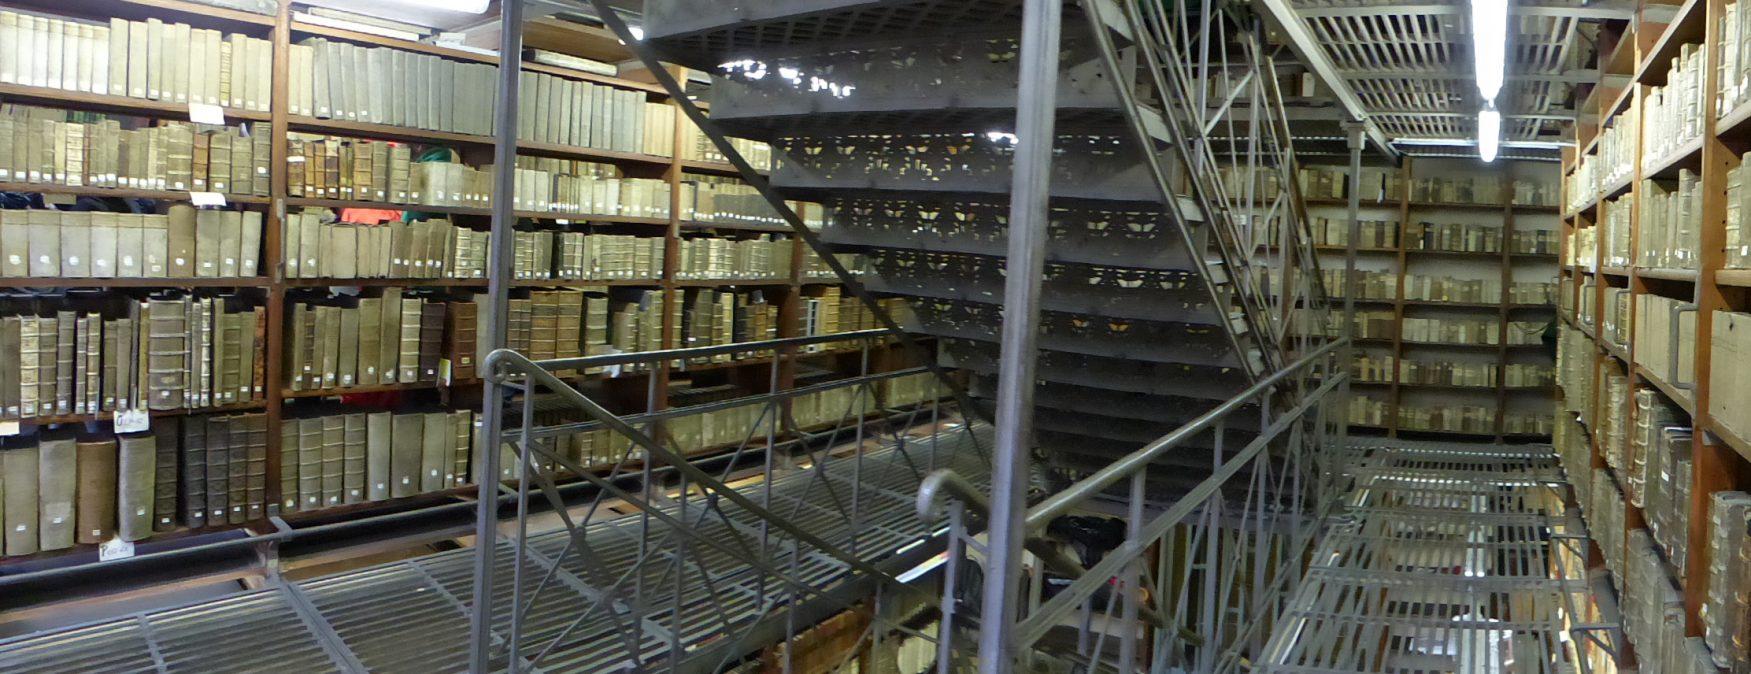 Blick in die Marienbibliothek zu Halle an der Saale, Foto: D.Weirauch